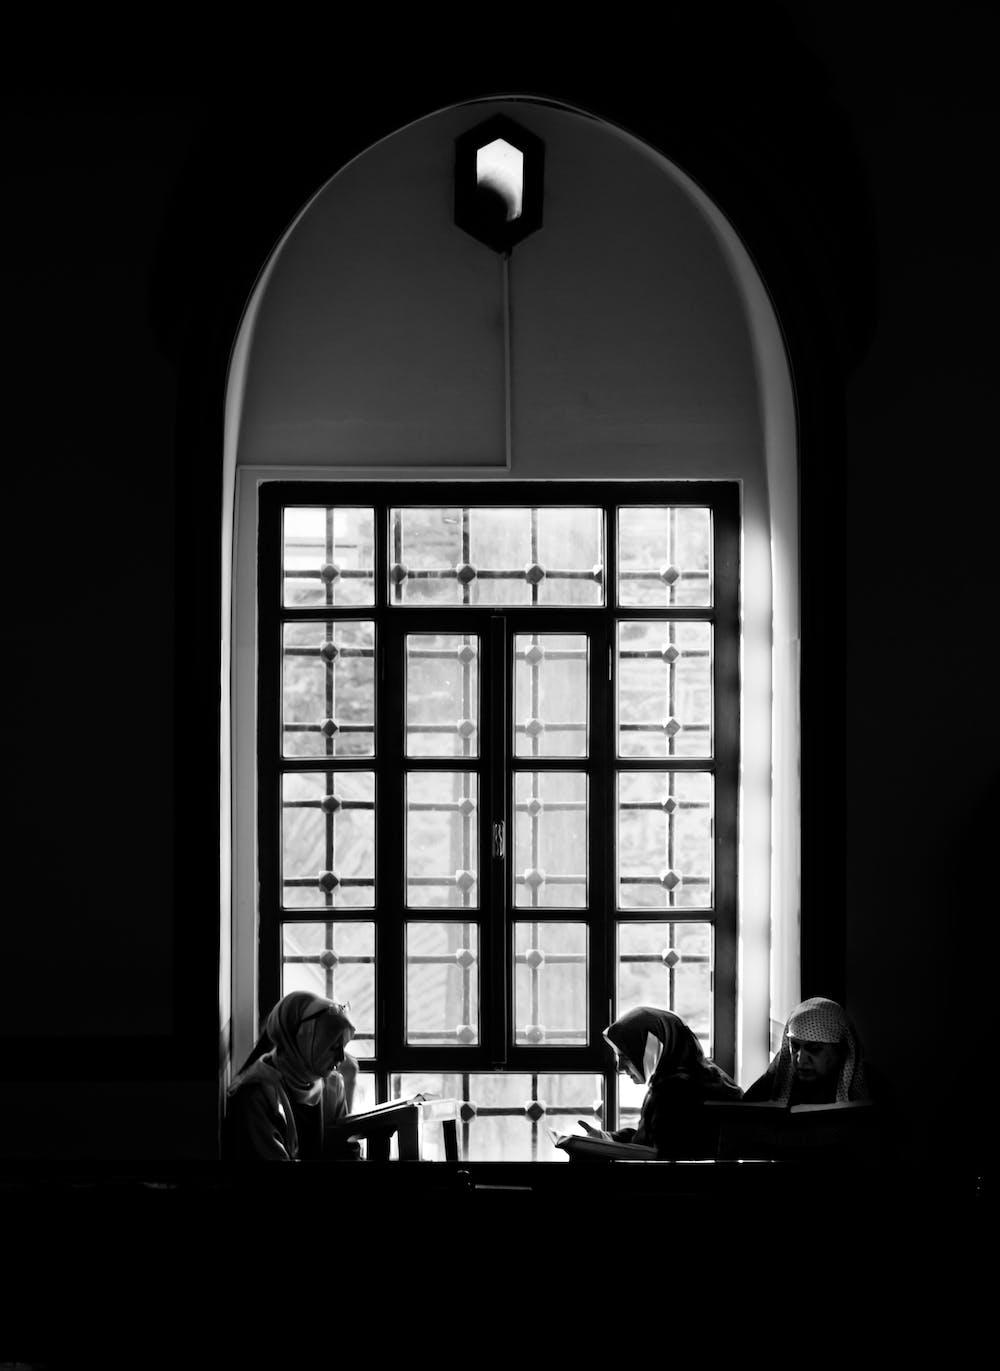 Nuns at the table. | Photo: Pexels